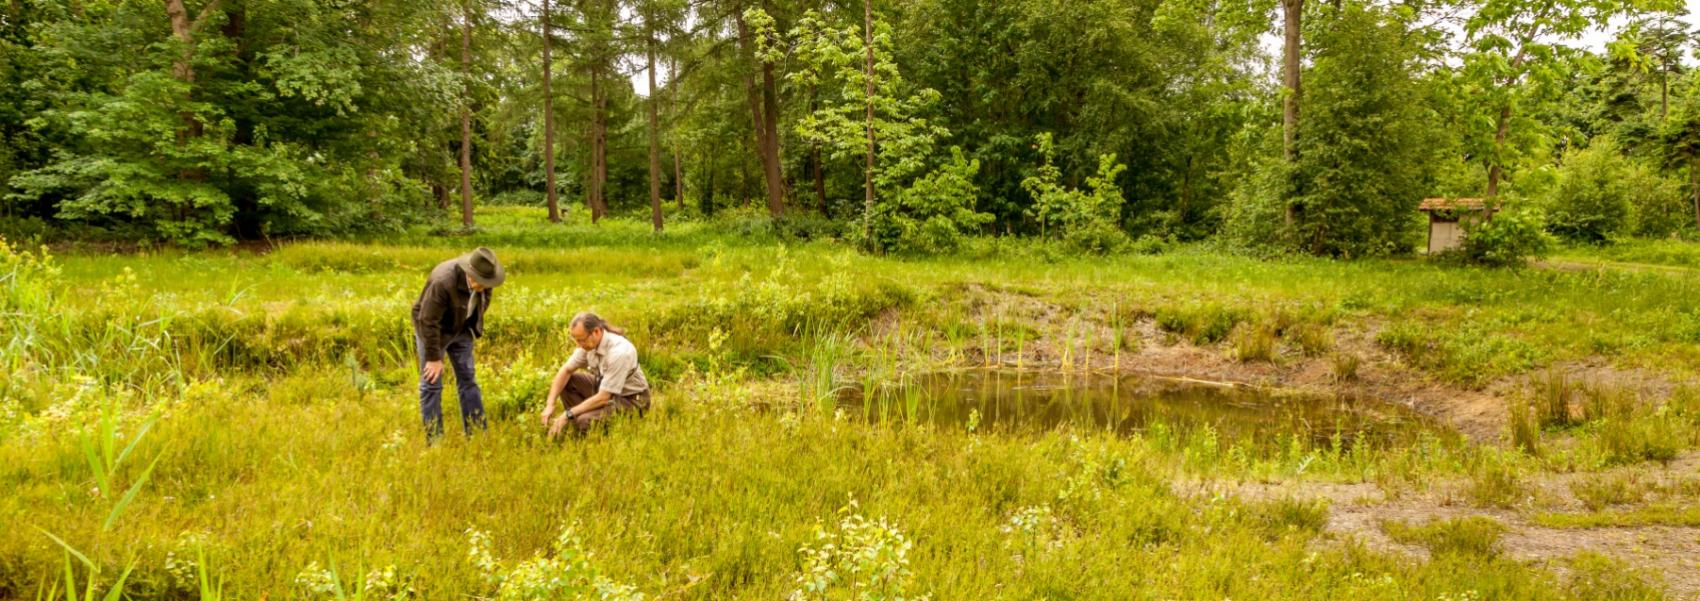 2 boswachters die samen planten bestuderen